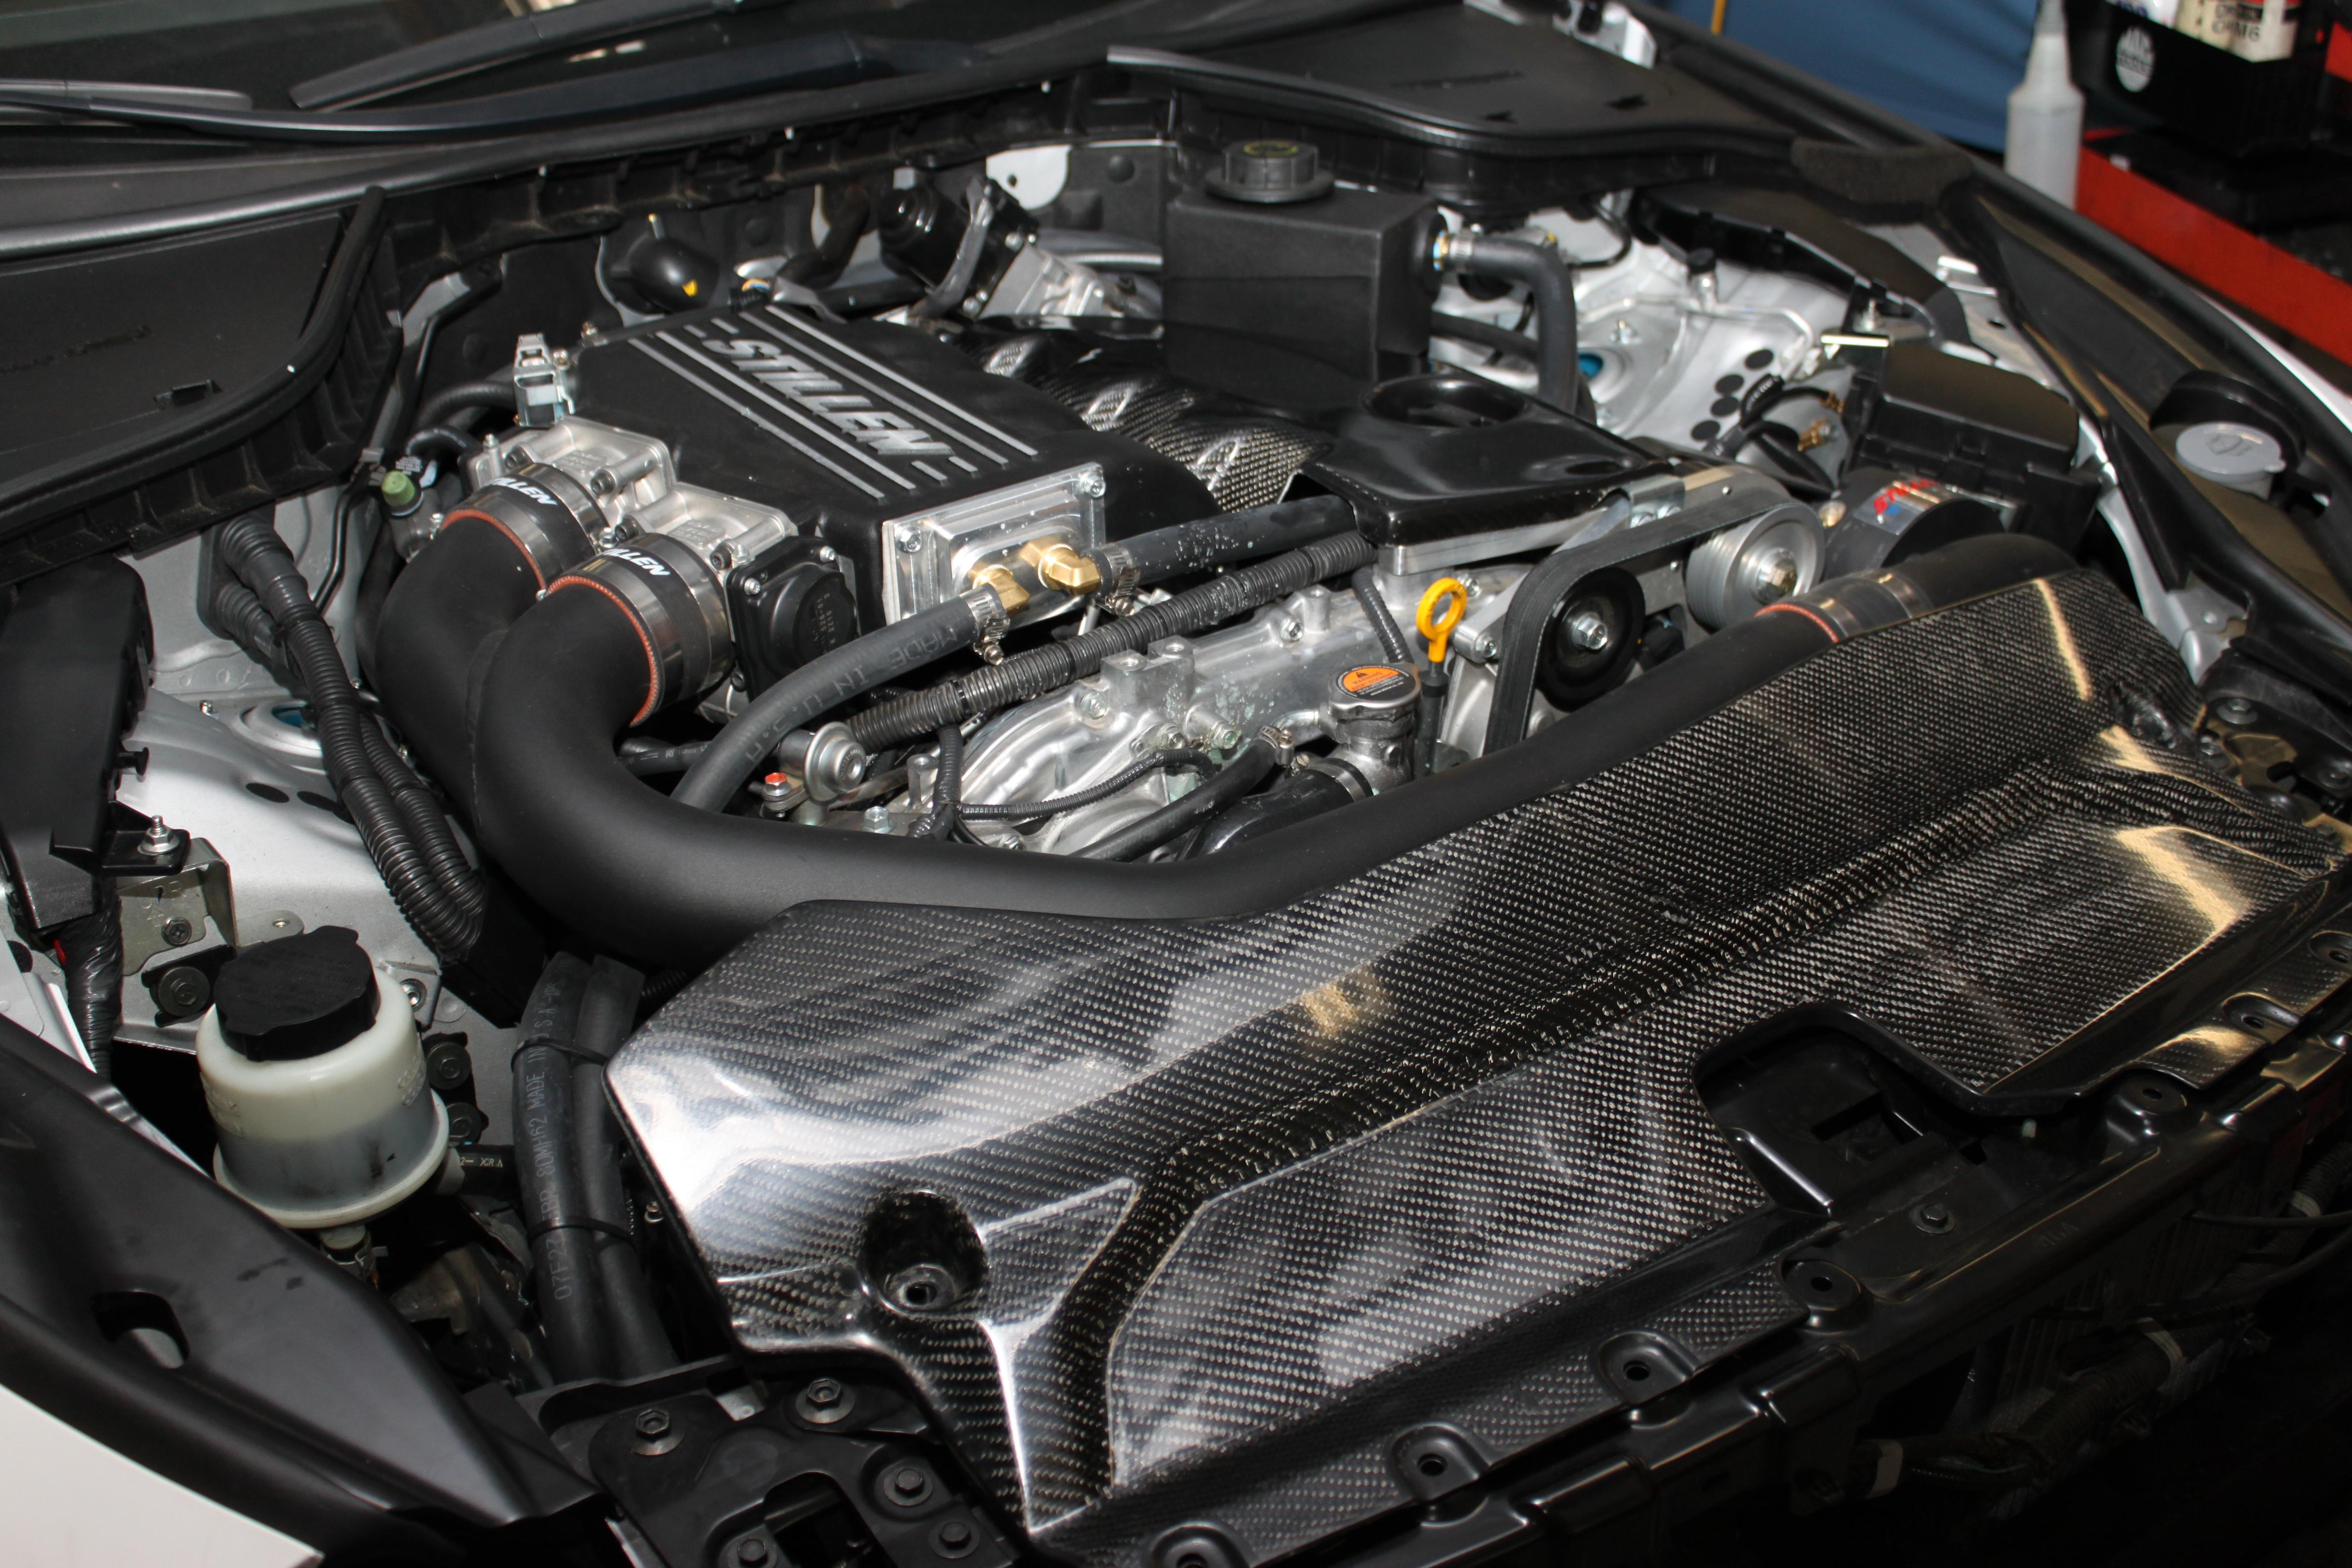 STILLEN Infiniti Q50 Supercharger Now Available! | STILLEN ...